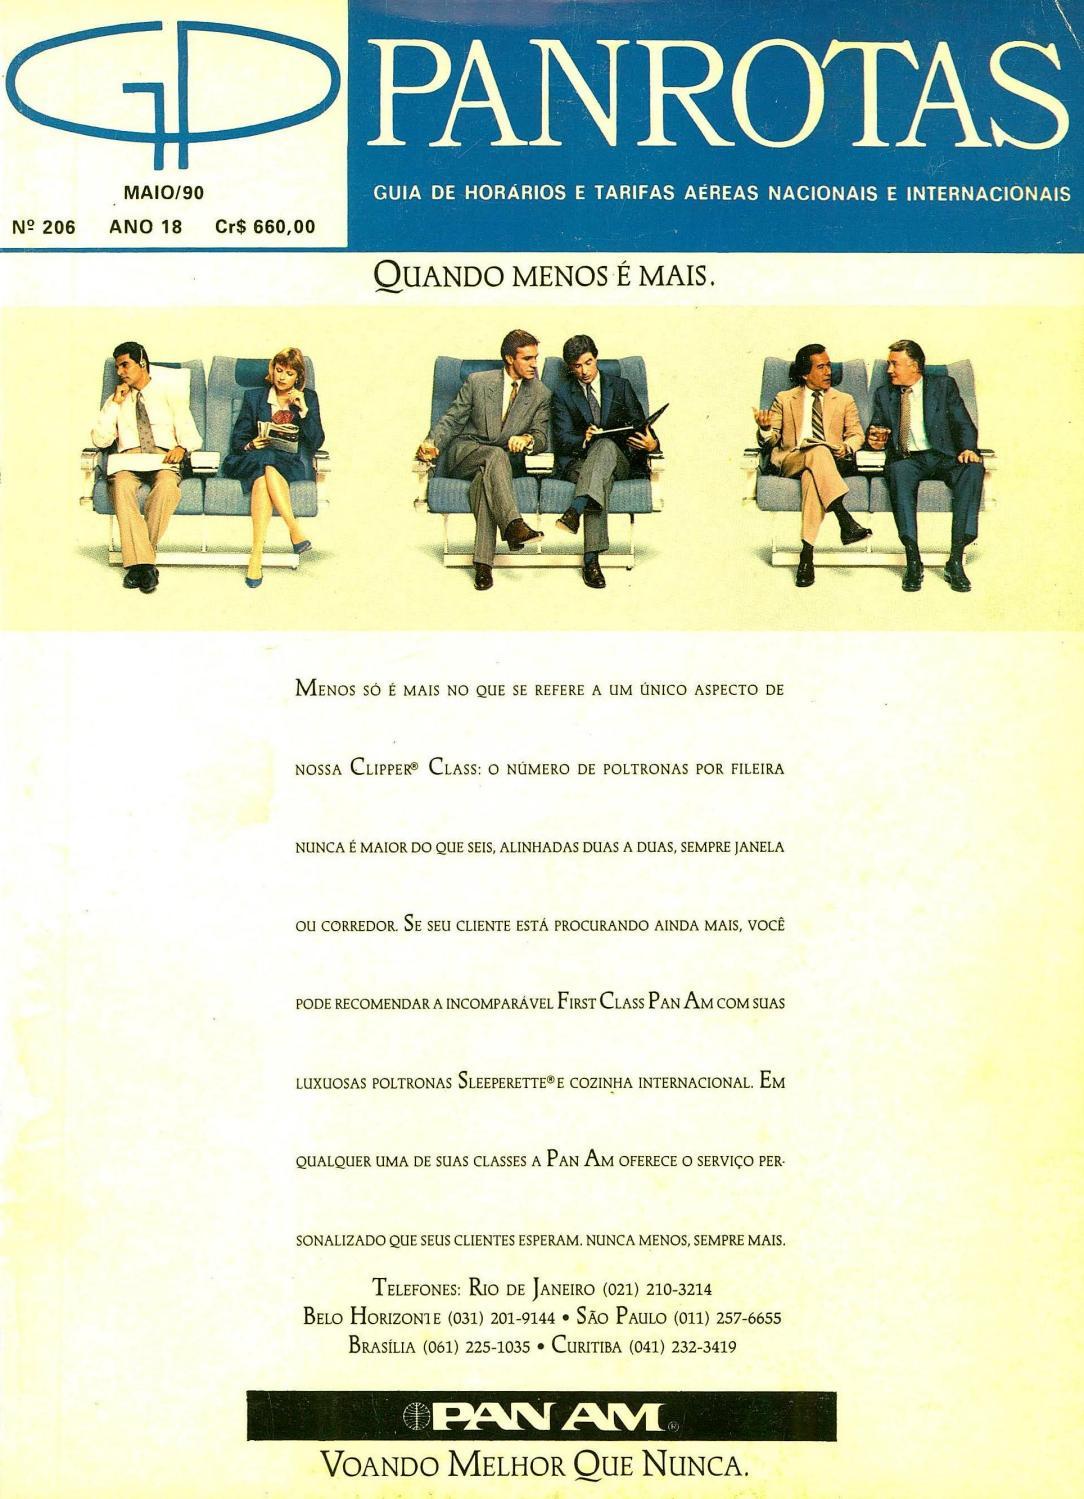 eaf44ba03e35a Guia PANROTAS - Edição 206 - Maio 1990 by PANROTAS Editora - issuu